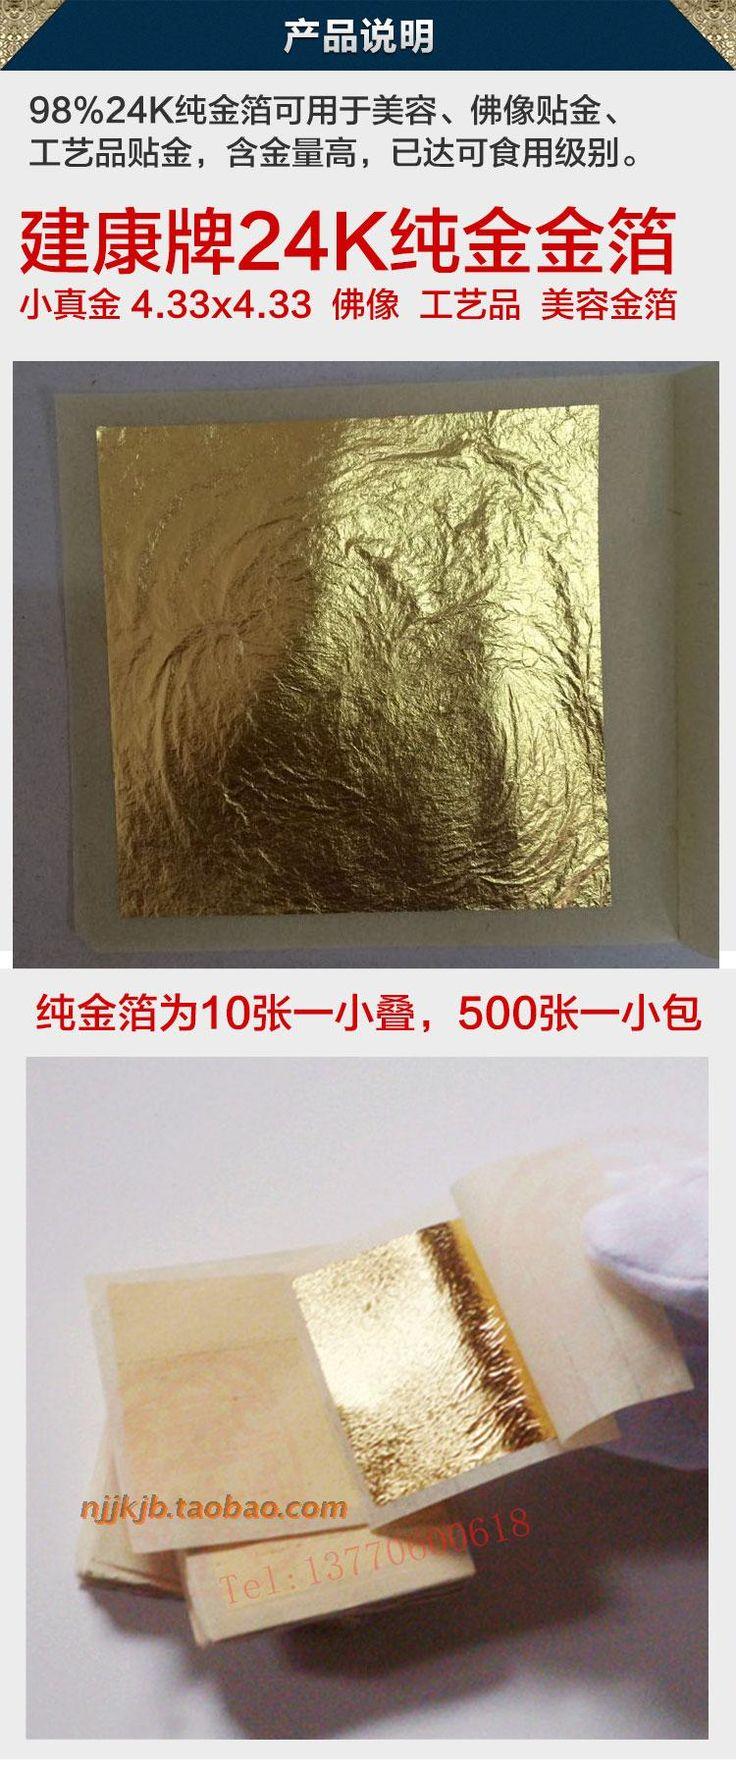 Чистое золото бумажные карты здоровья лист сусального золота 24k малый действительно золотой фольги выпечки красота золотой фольги 4. 33x4. 33см-Таобао